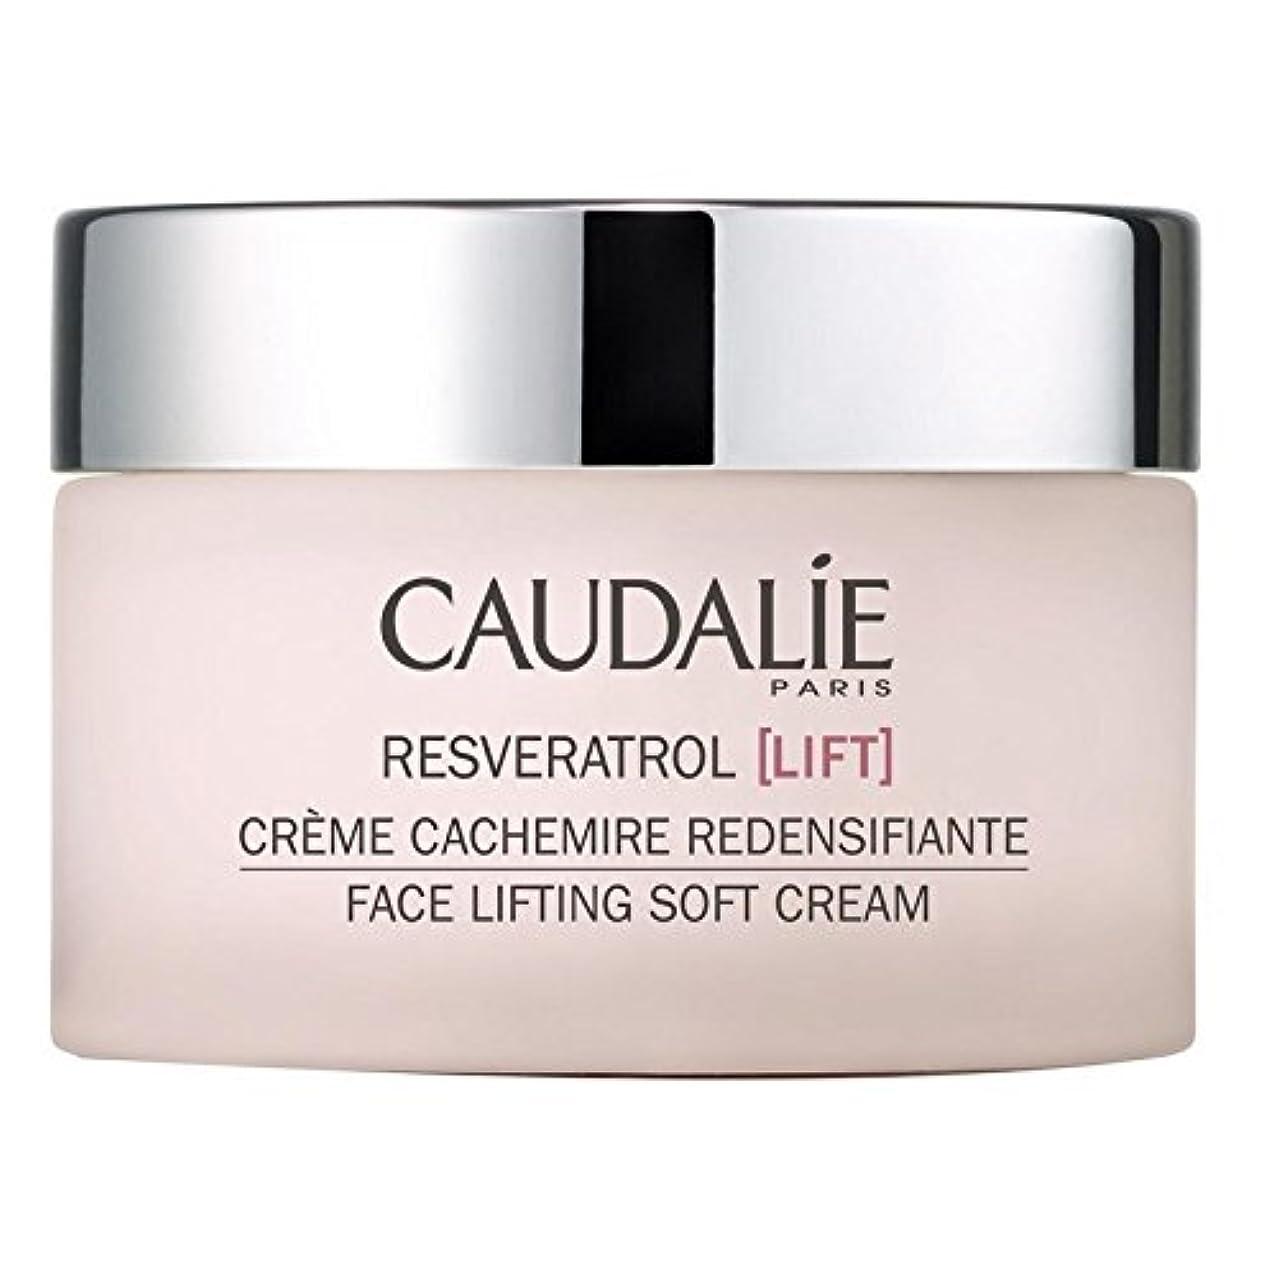 リンス保存する逆さまにソフトクリーム50ミリリットルを持ち上げるコーダリーレスベラトロールリフト顔 x4 - Caudalie Resveratrol lift Face Lifting Soft Cream 50ml (Pack of 4)...